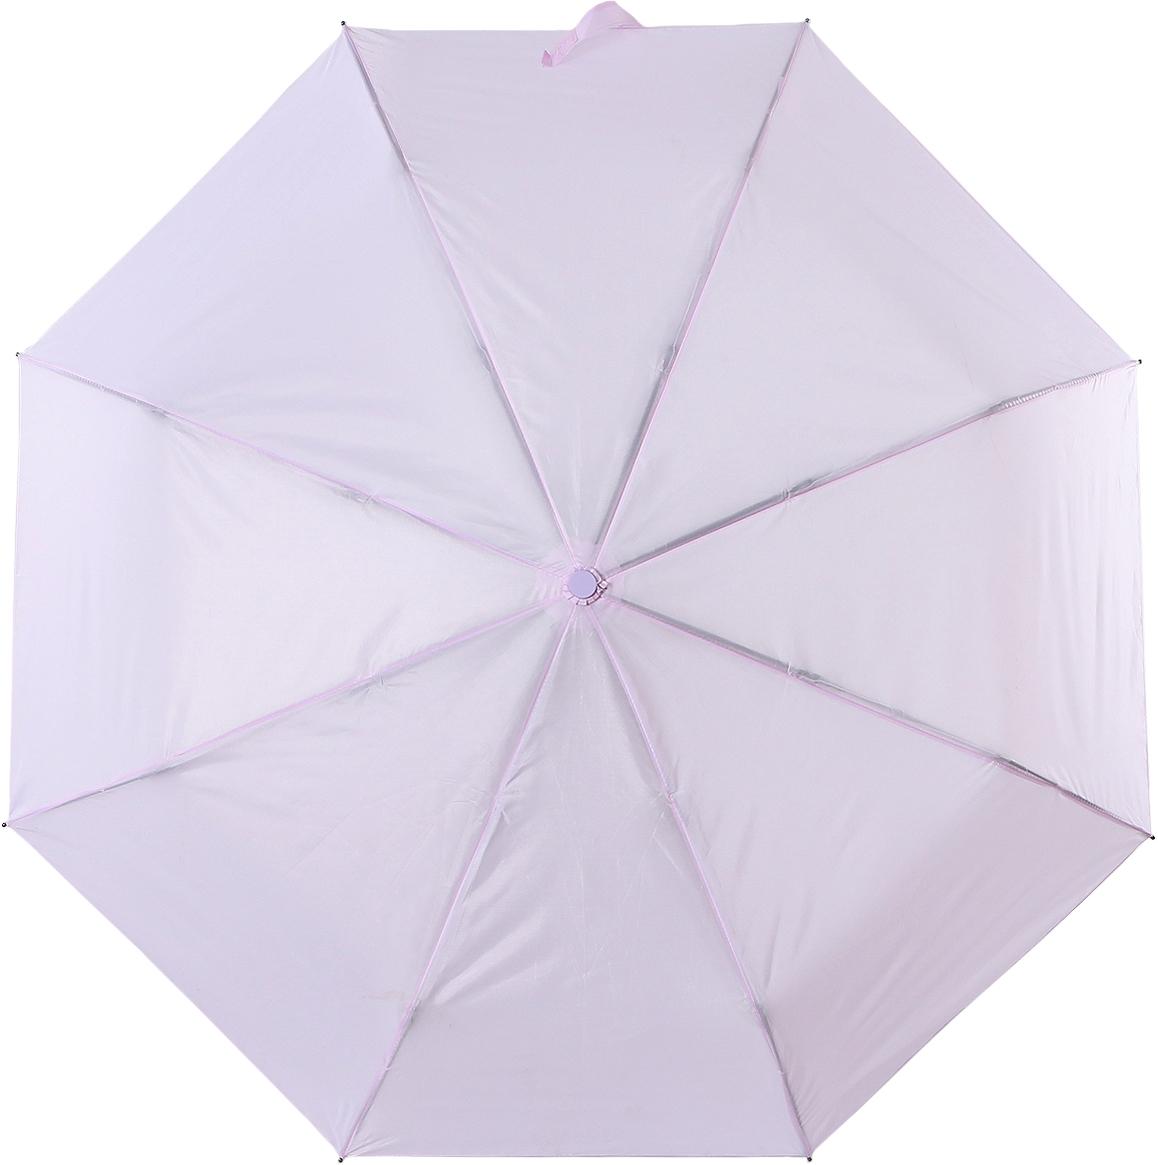 Зонт женский Torm, автомат, 3 сложения, цвет: светло-розовый. 3731-07 цена